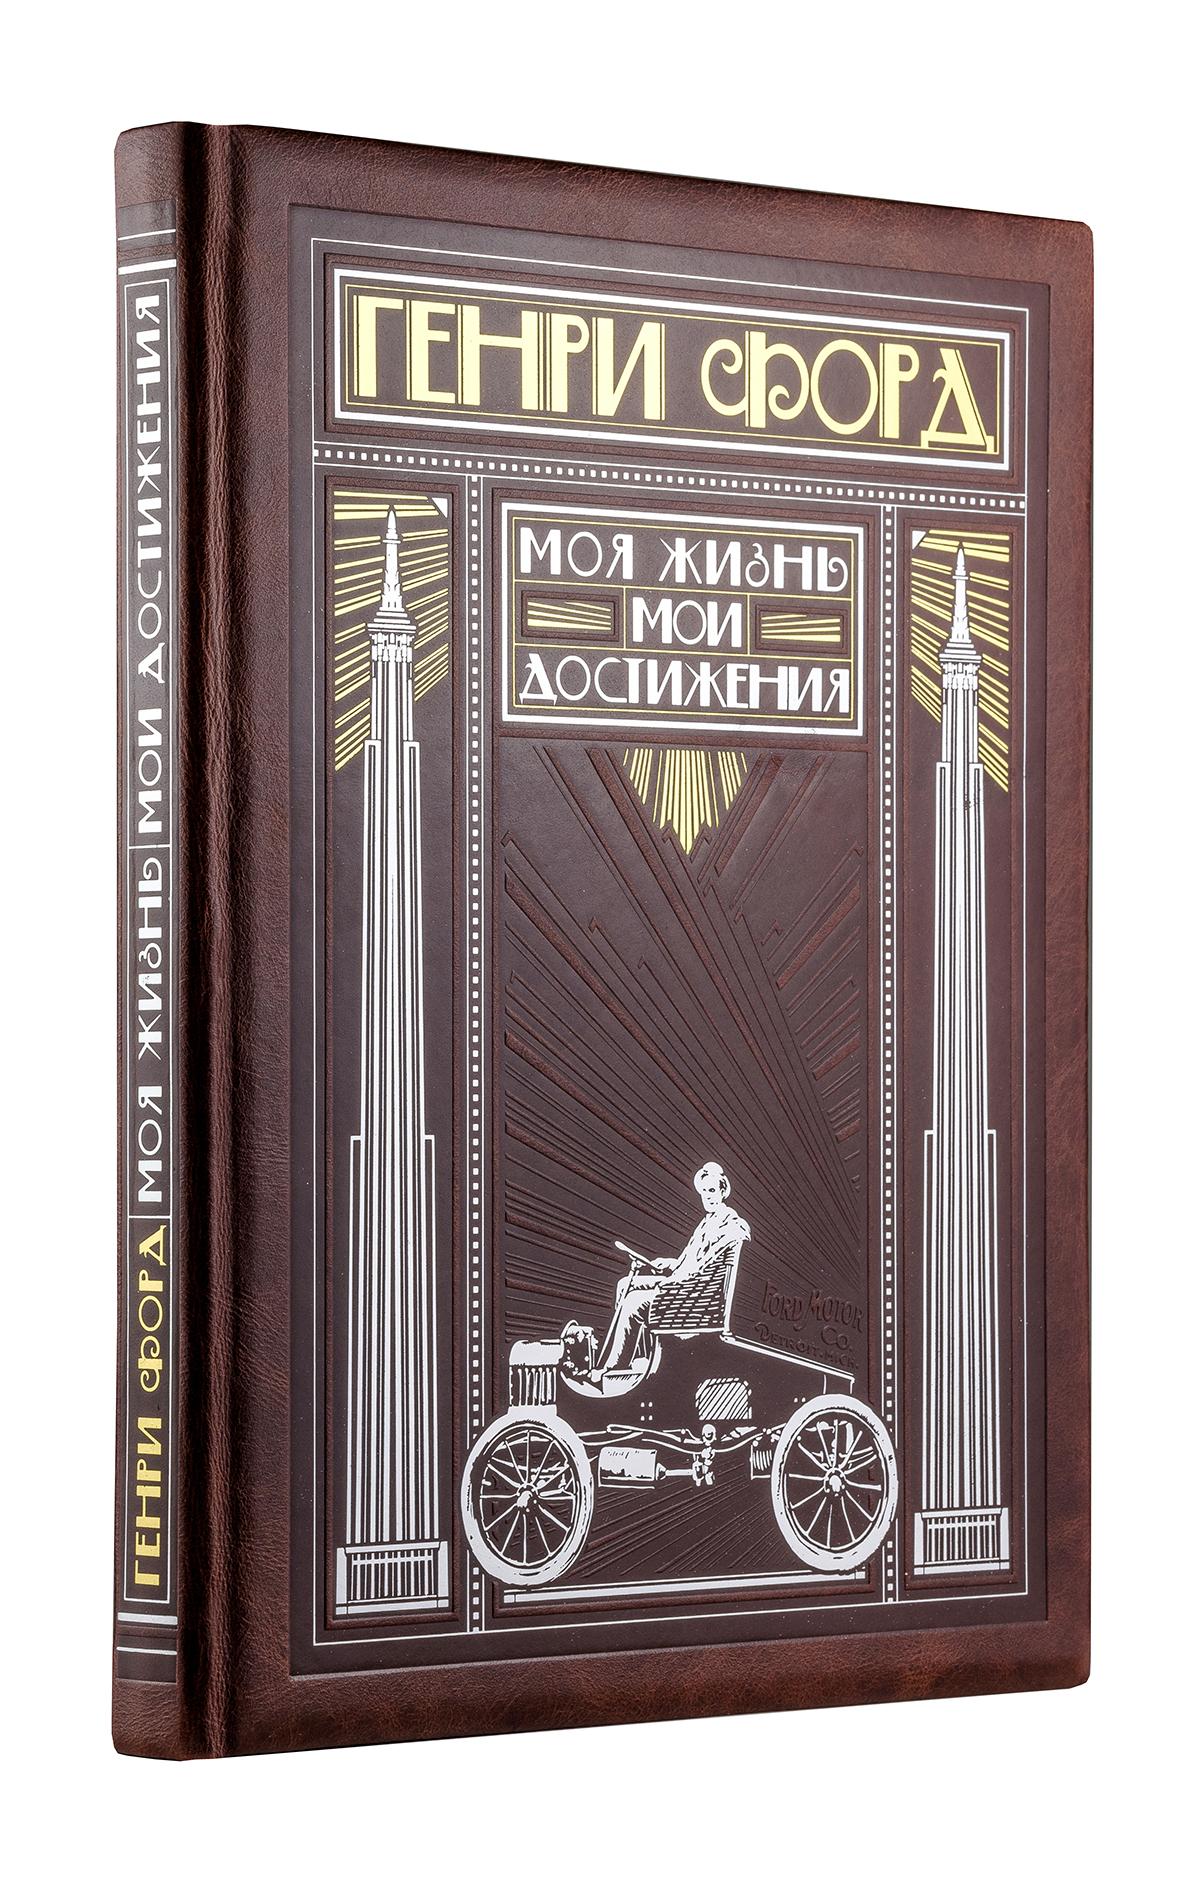 Генри Форд. Моя жизнь, мои достижения (книга+футляр) ( Форд Генри  )